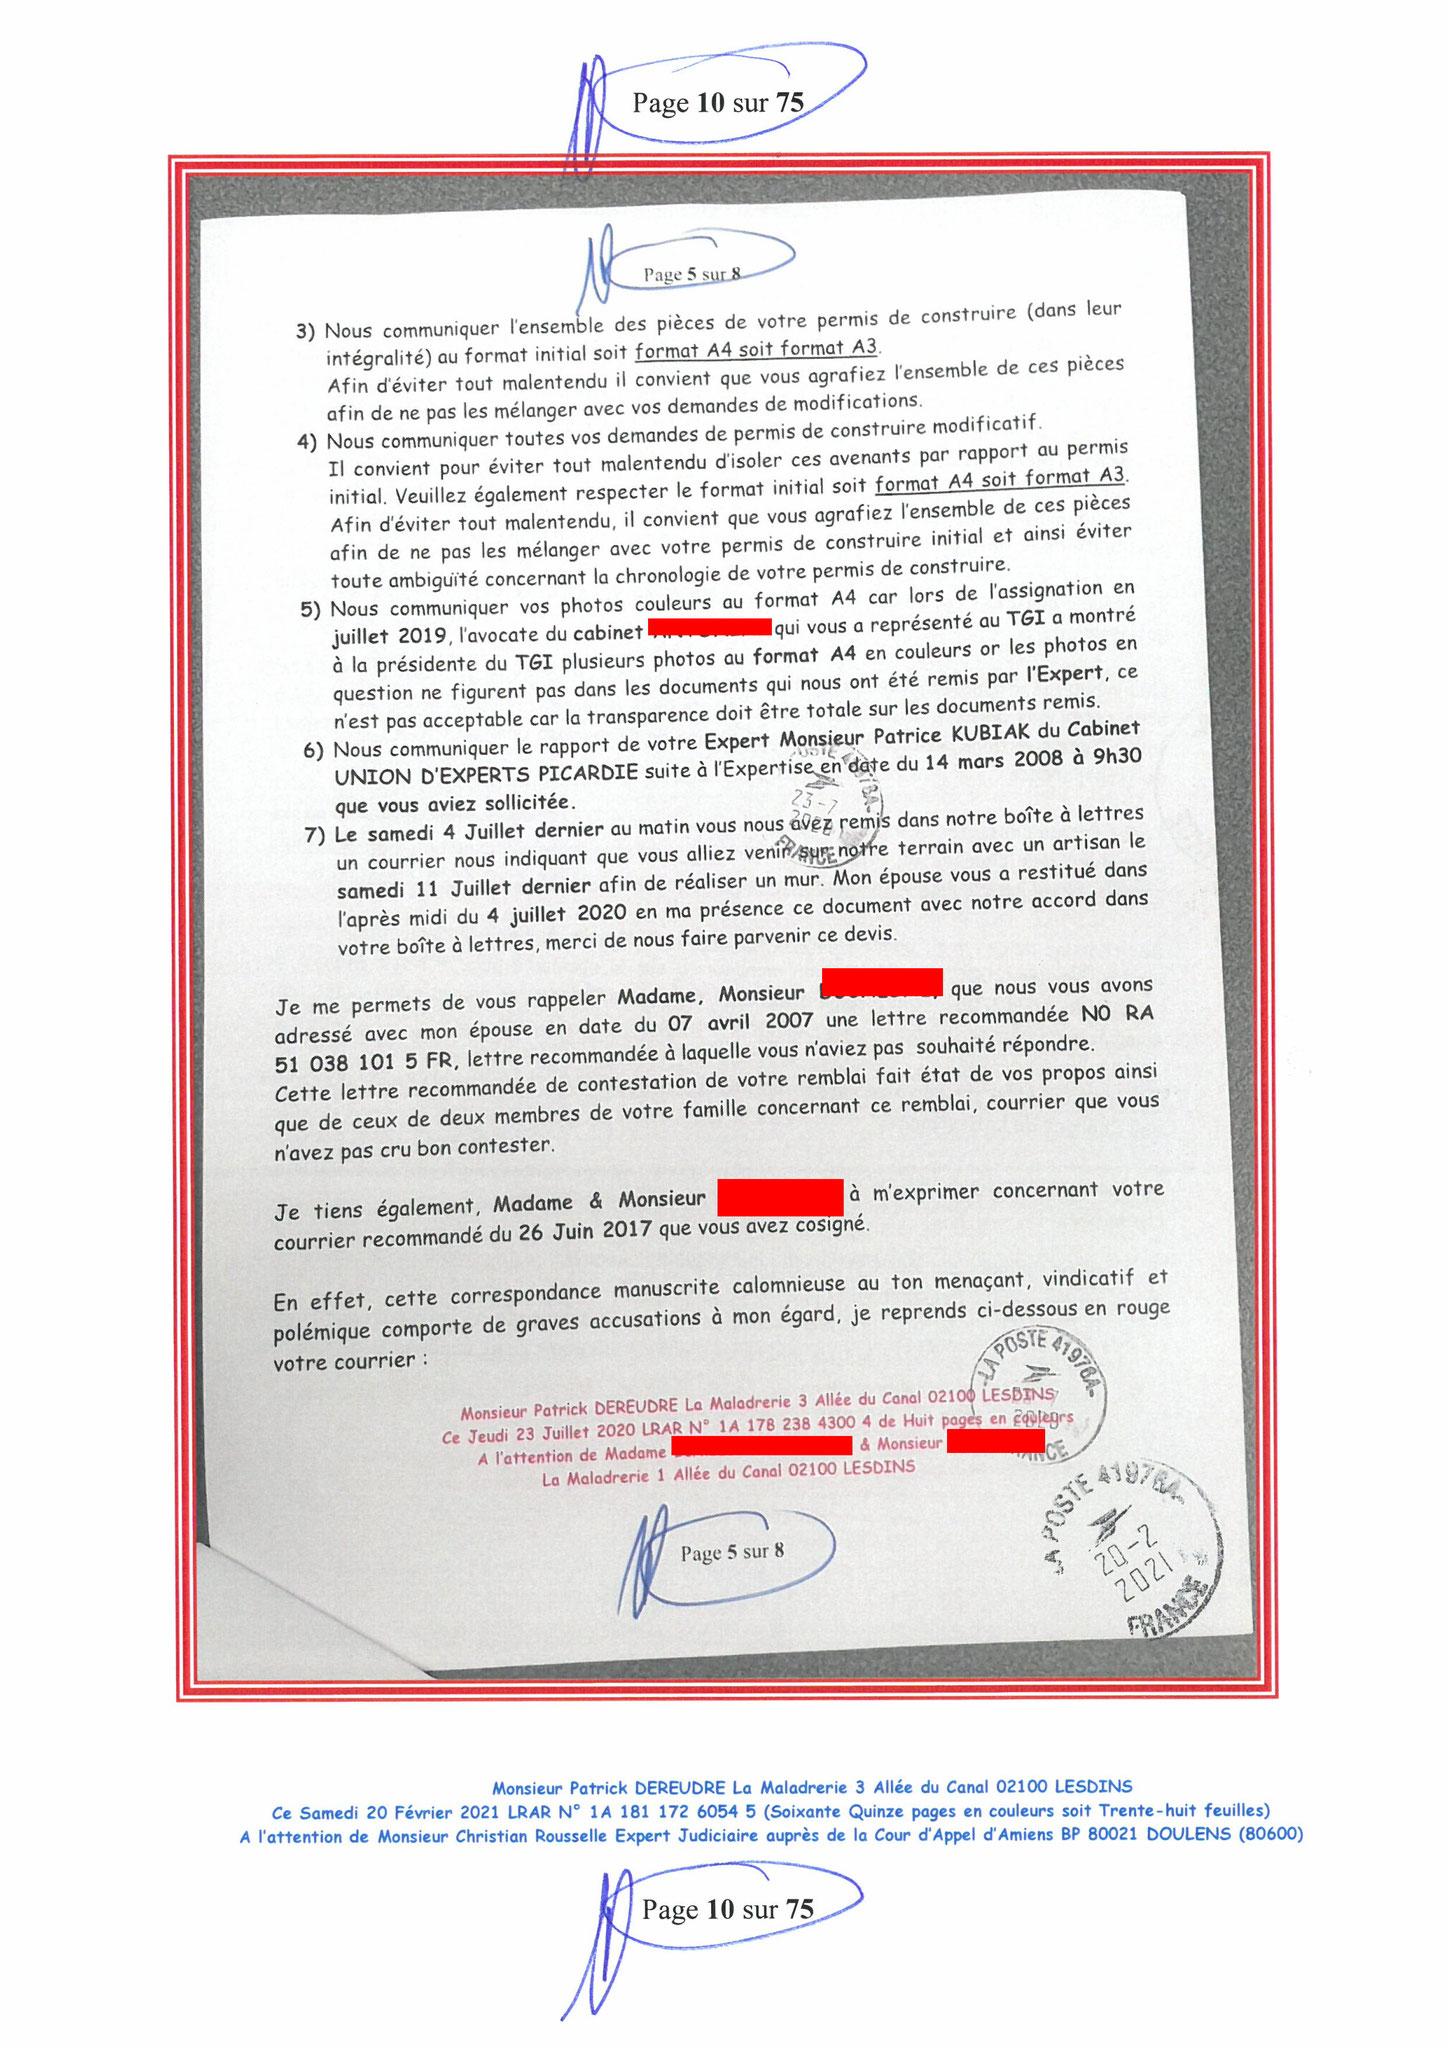 Page 10 Ma  Lettre Recommandée à Monsieur Christian ROUSSELLE Expert Judiciaire auprès de la Cour d'Appel d'Amiens Affaire MES CHERS VOISINS nos  www.jenesuispasunchien.fr www.jesuisvictime.fr www.jesuispatrick.fr PARJURE & CORRUPTION JUSTICE REPUBLIQUE